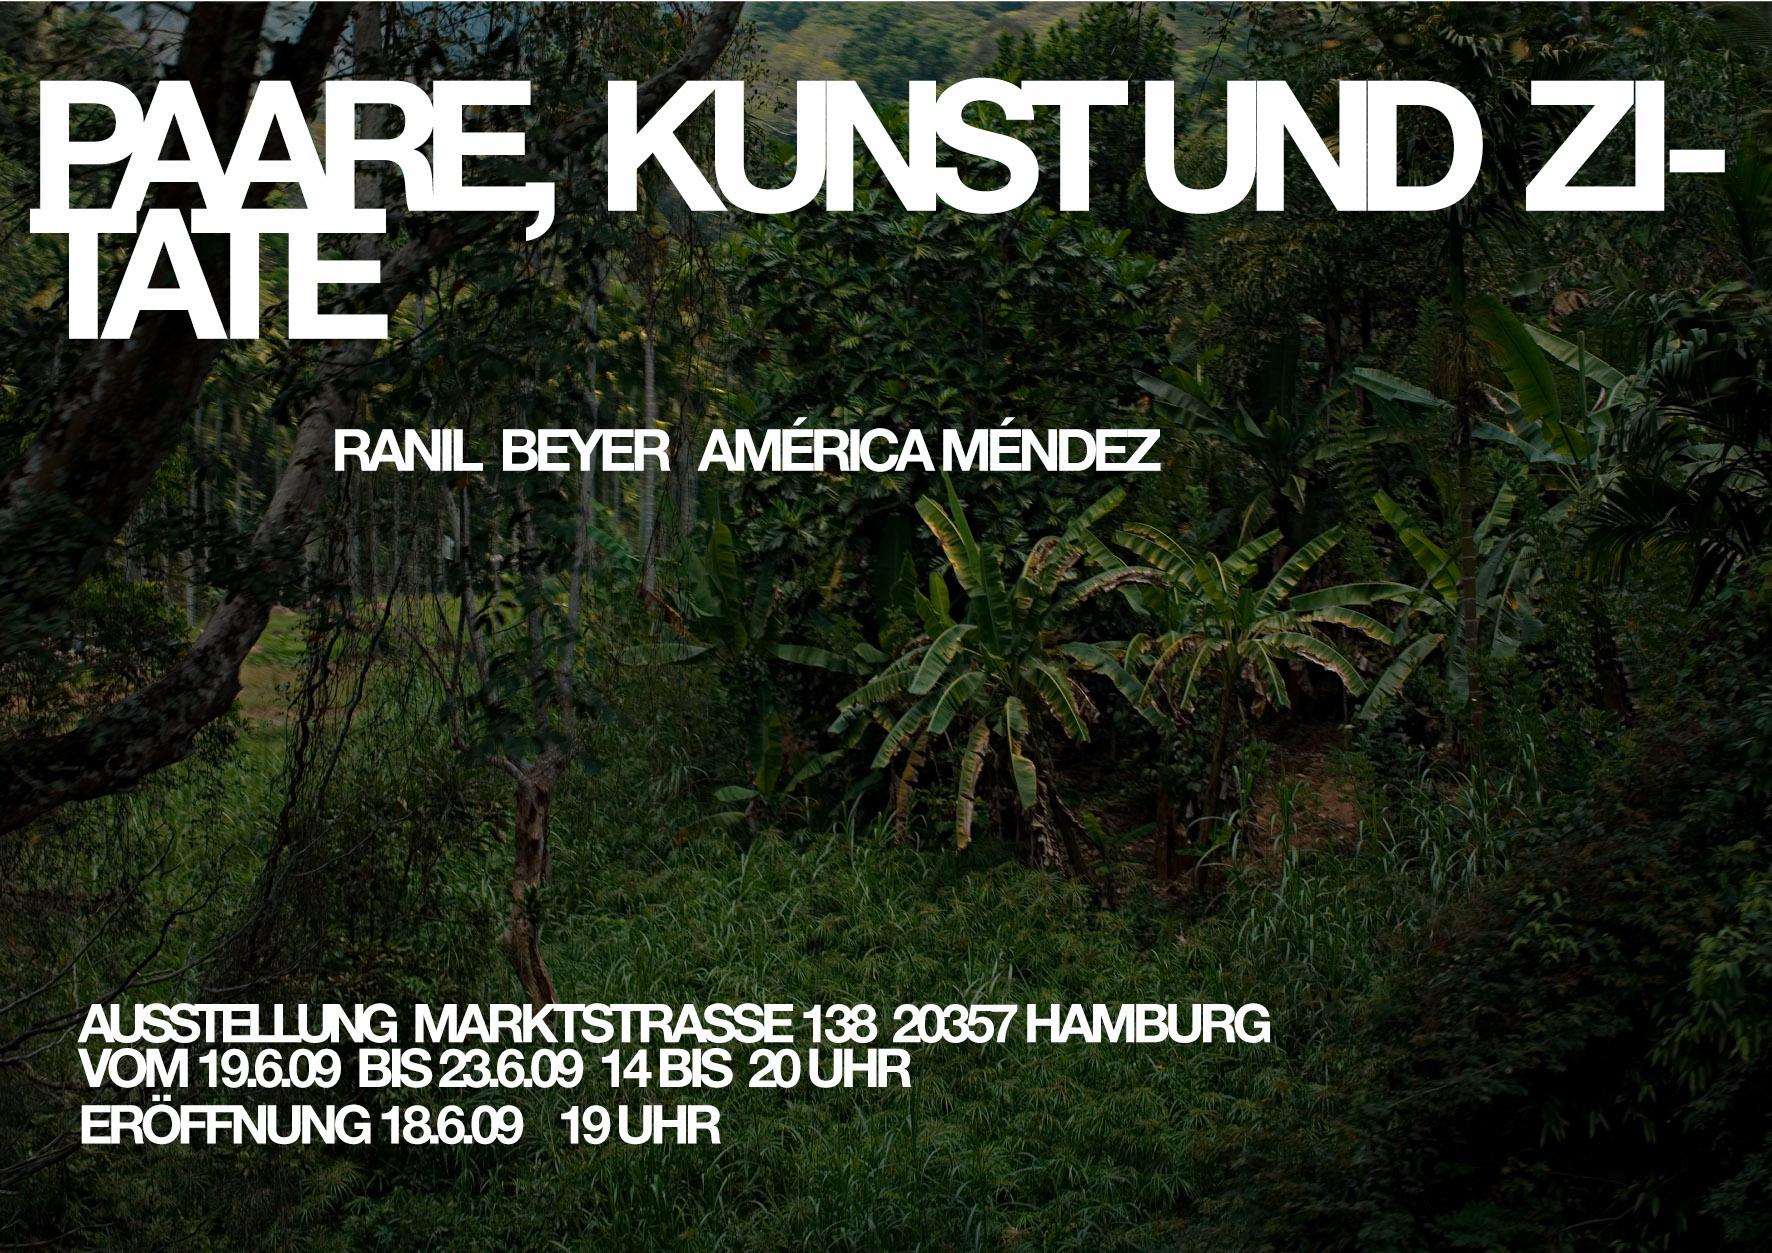 America Mendez und Ranil Beyer Ausstellung: Paare Kunst und Zitate